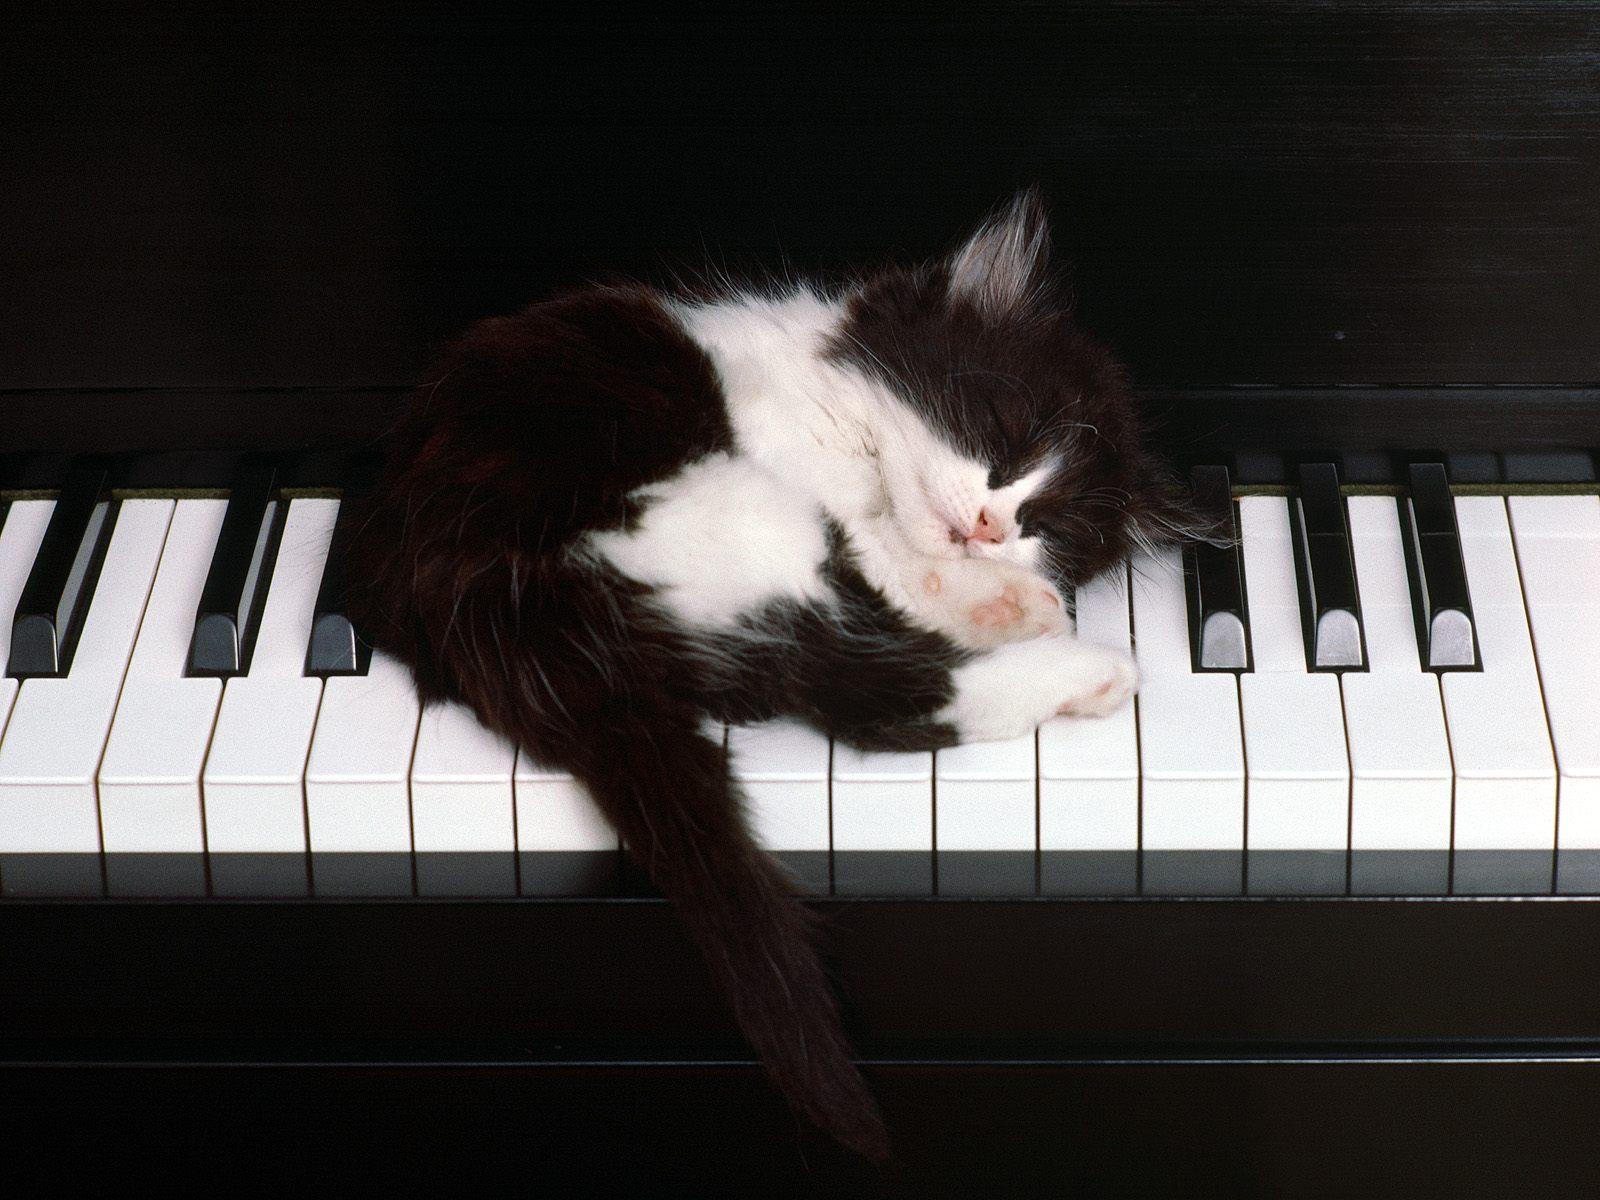 ピアノで眠る子猫。